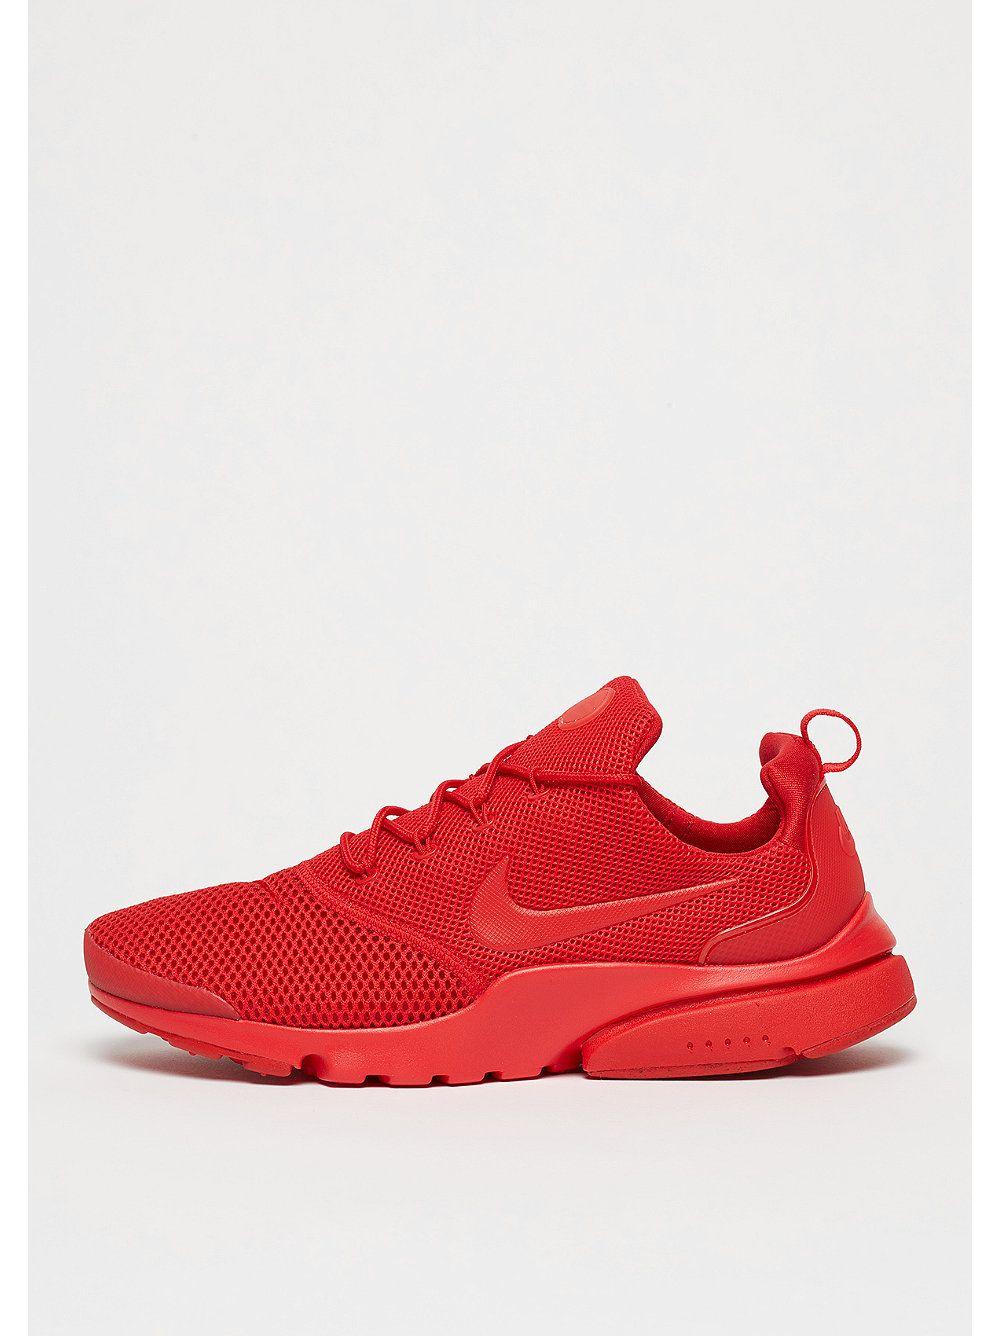 NIKE Presto Fly university reduniversity red   zapatos en